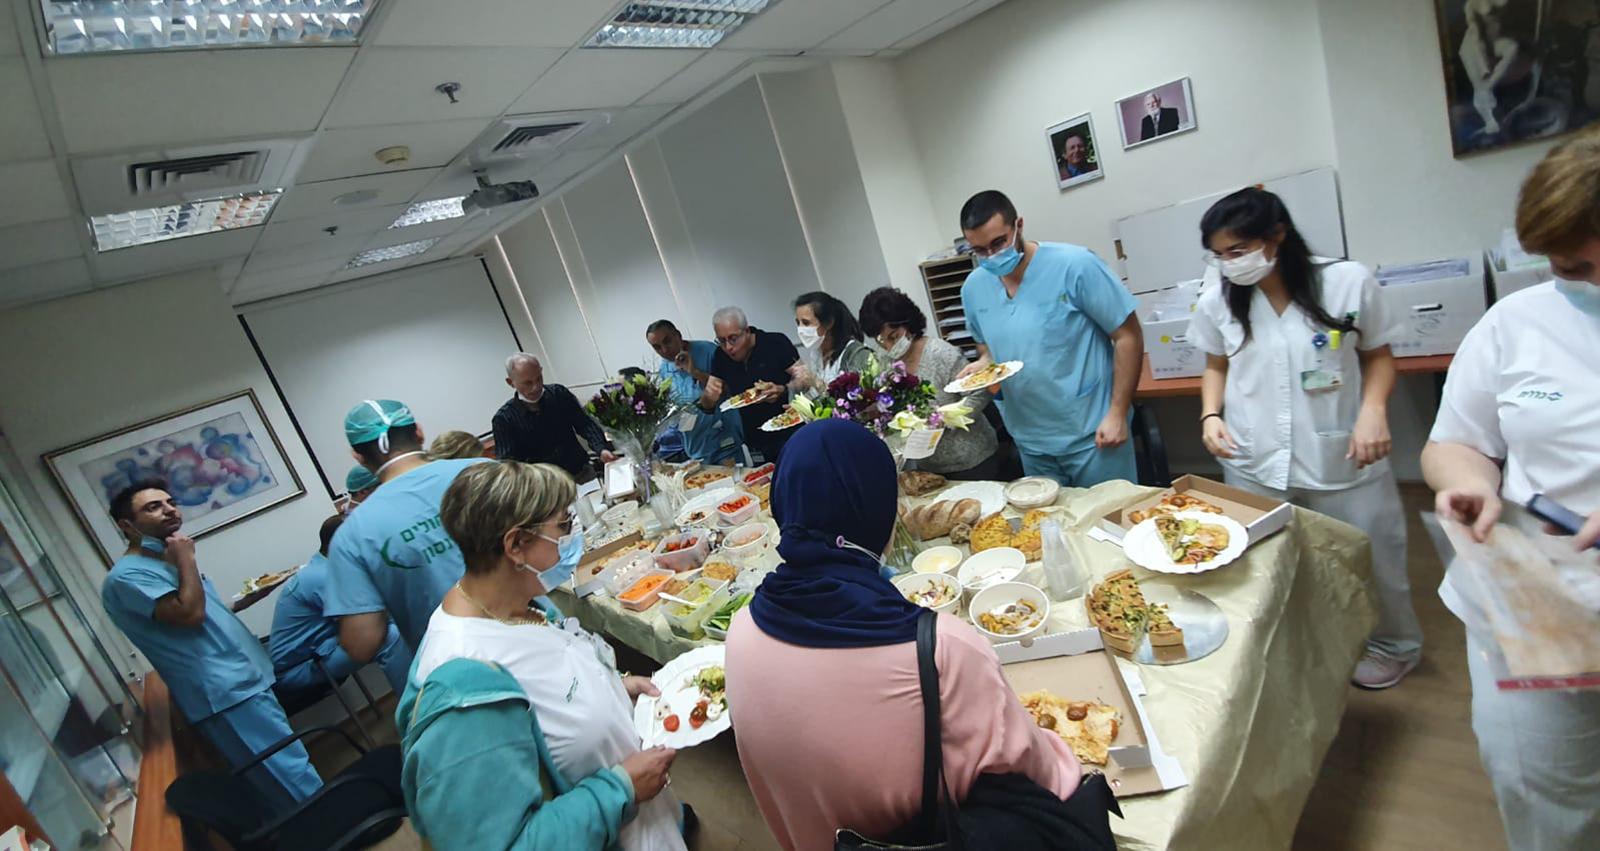 פרוייקט חברתי - חיזוק צוותי הרפואה